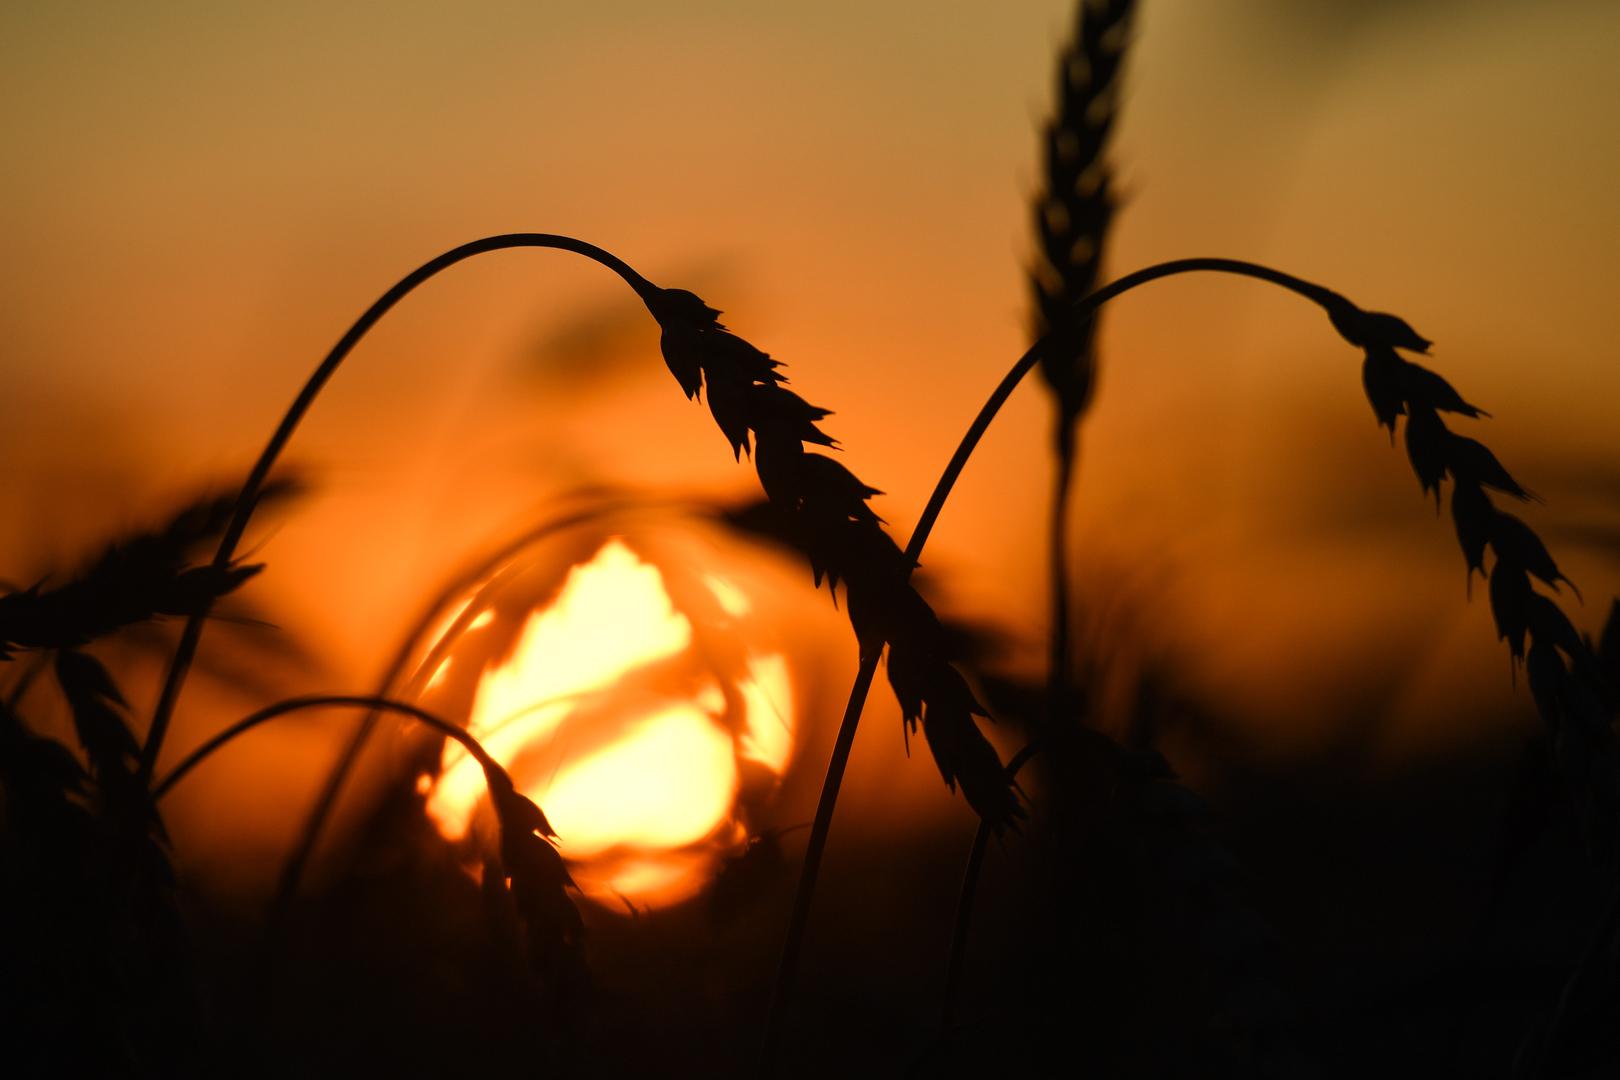 العراق يحتاج إلى مليون طن من القمح و250 ألف طن من الأرز